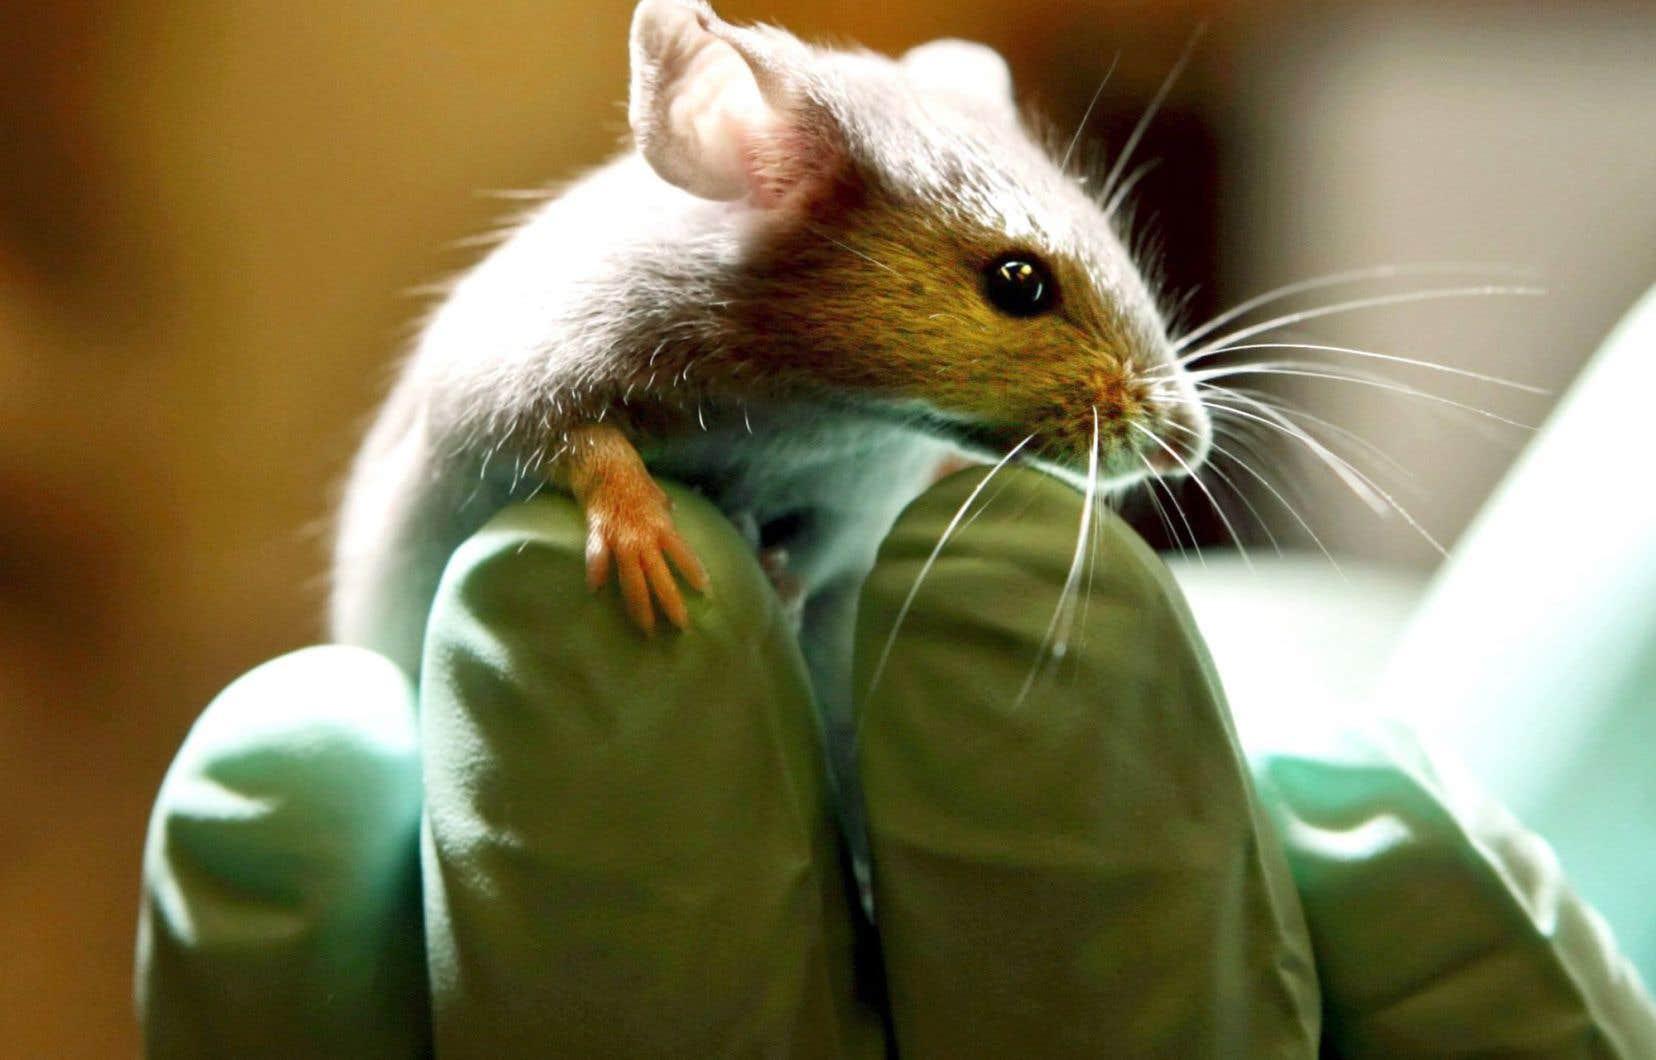 Des chercheurs ont réussi à restaurer l'ouïe de souris atteintes de surdité héréditaire.